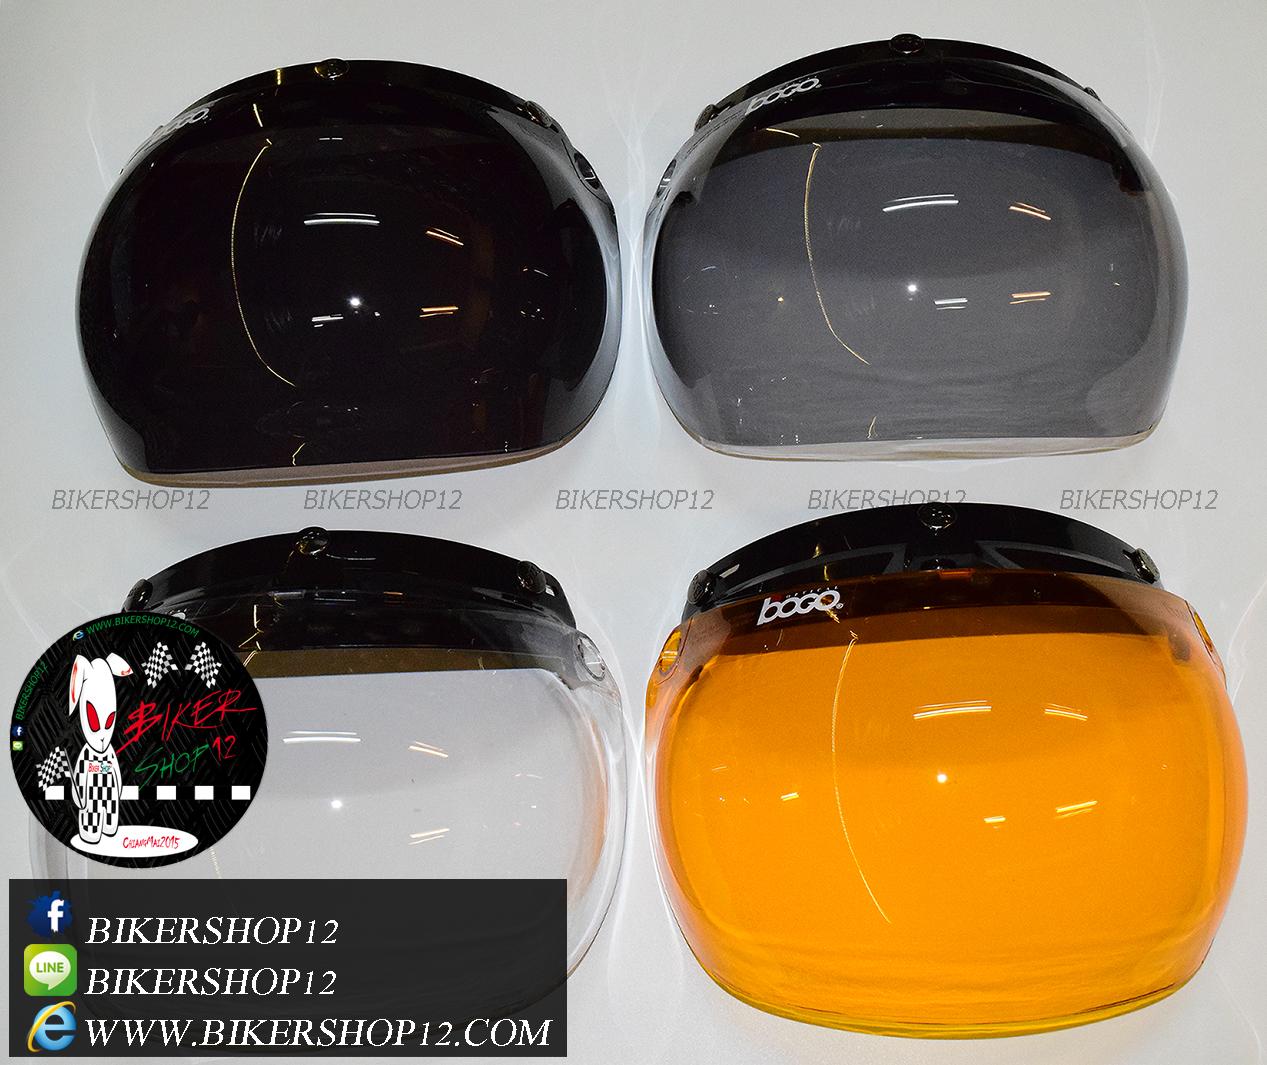 Shieldหรือหน้ากากหมวกกันน็อค แนววินเทจ(เปิดหน้ากากได้) Bogo ทรง BUBBLE มีสีใส,สีชา,สีดำ,สีส้ม,สีเหลืองและสีอื่นๆ สำเนา